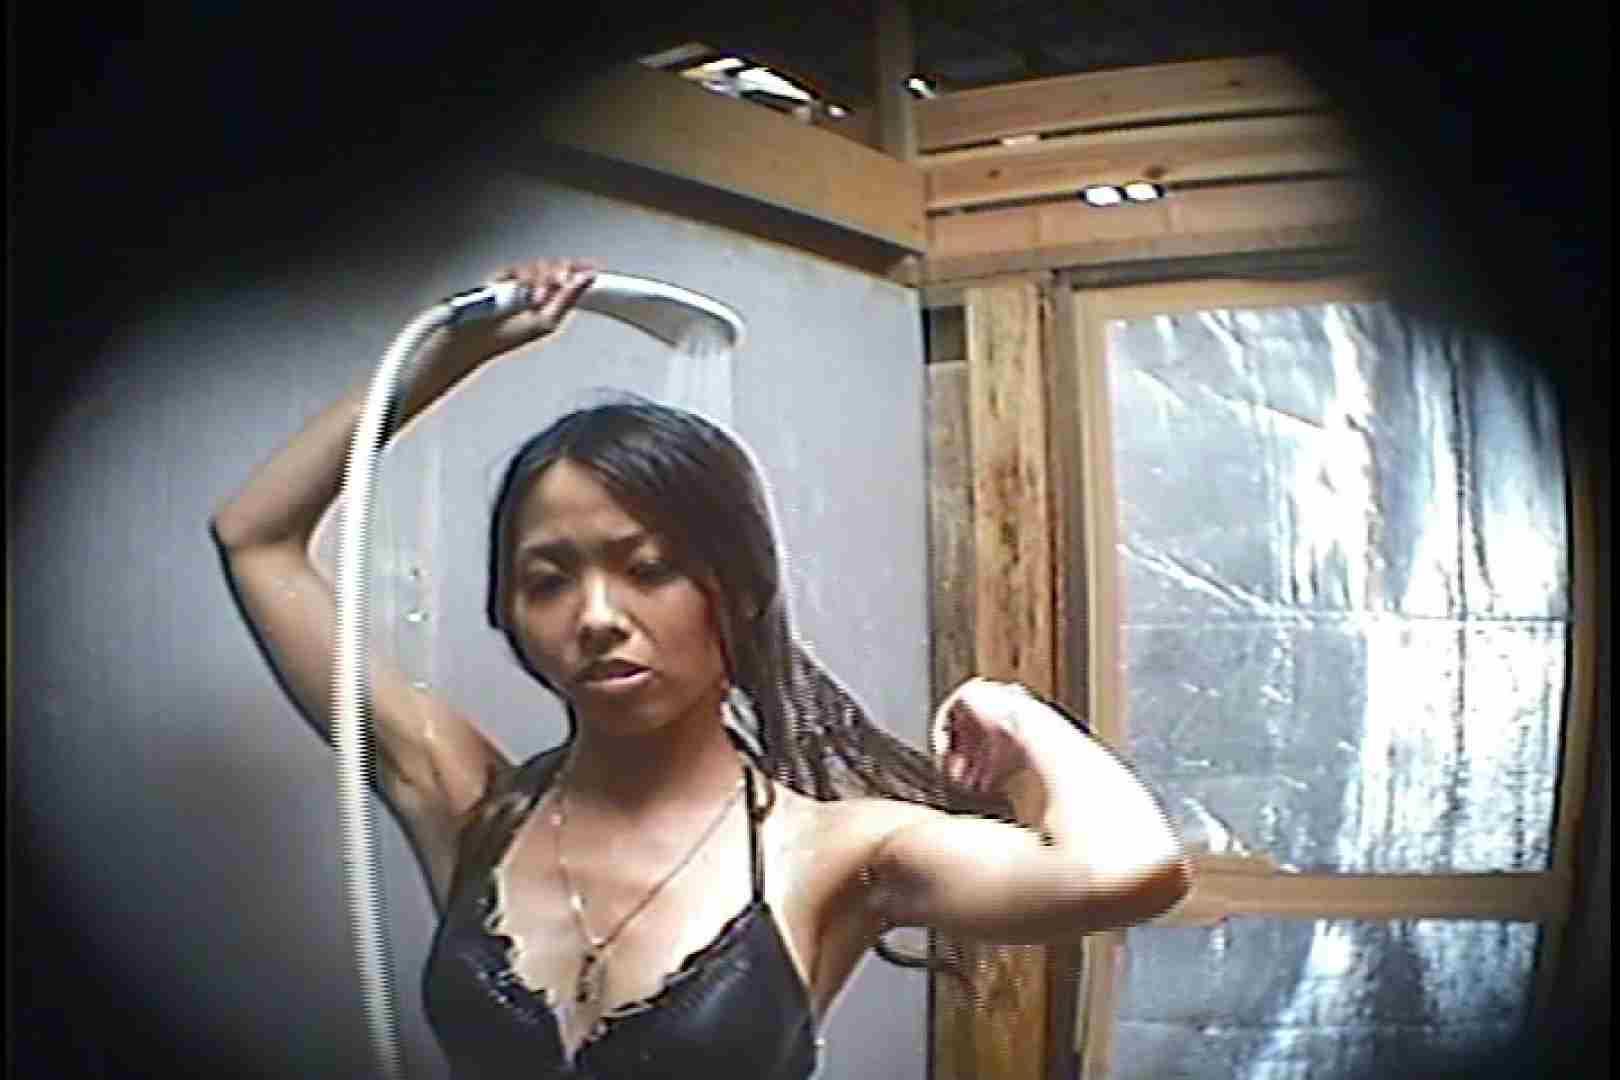 海の家の更衣室 Vol.45 美女 オマンコ無修正動画無料 78画像 22